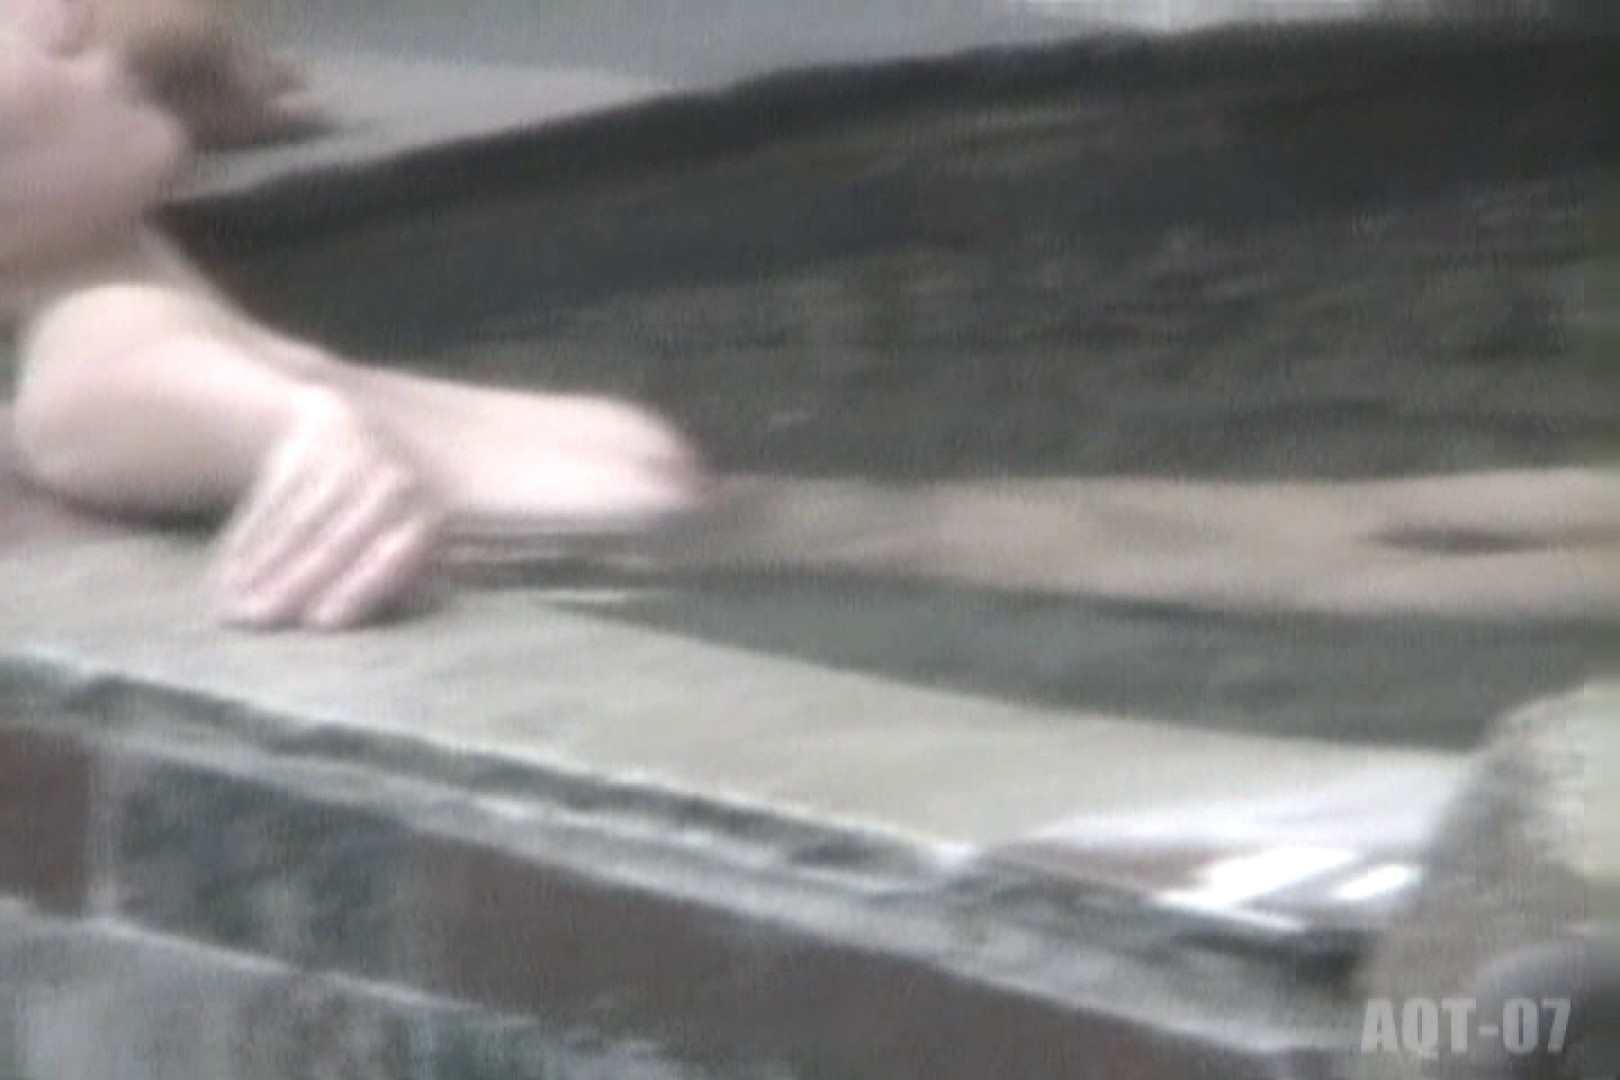 Aquaな露天風呂Vol.766 OL女体   女体盗撮  51連発 1